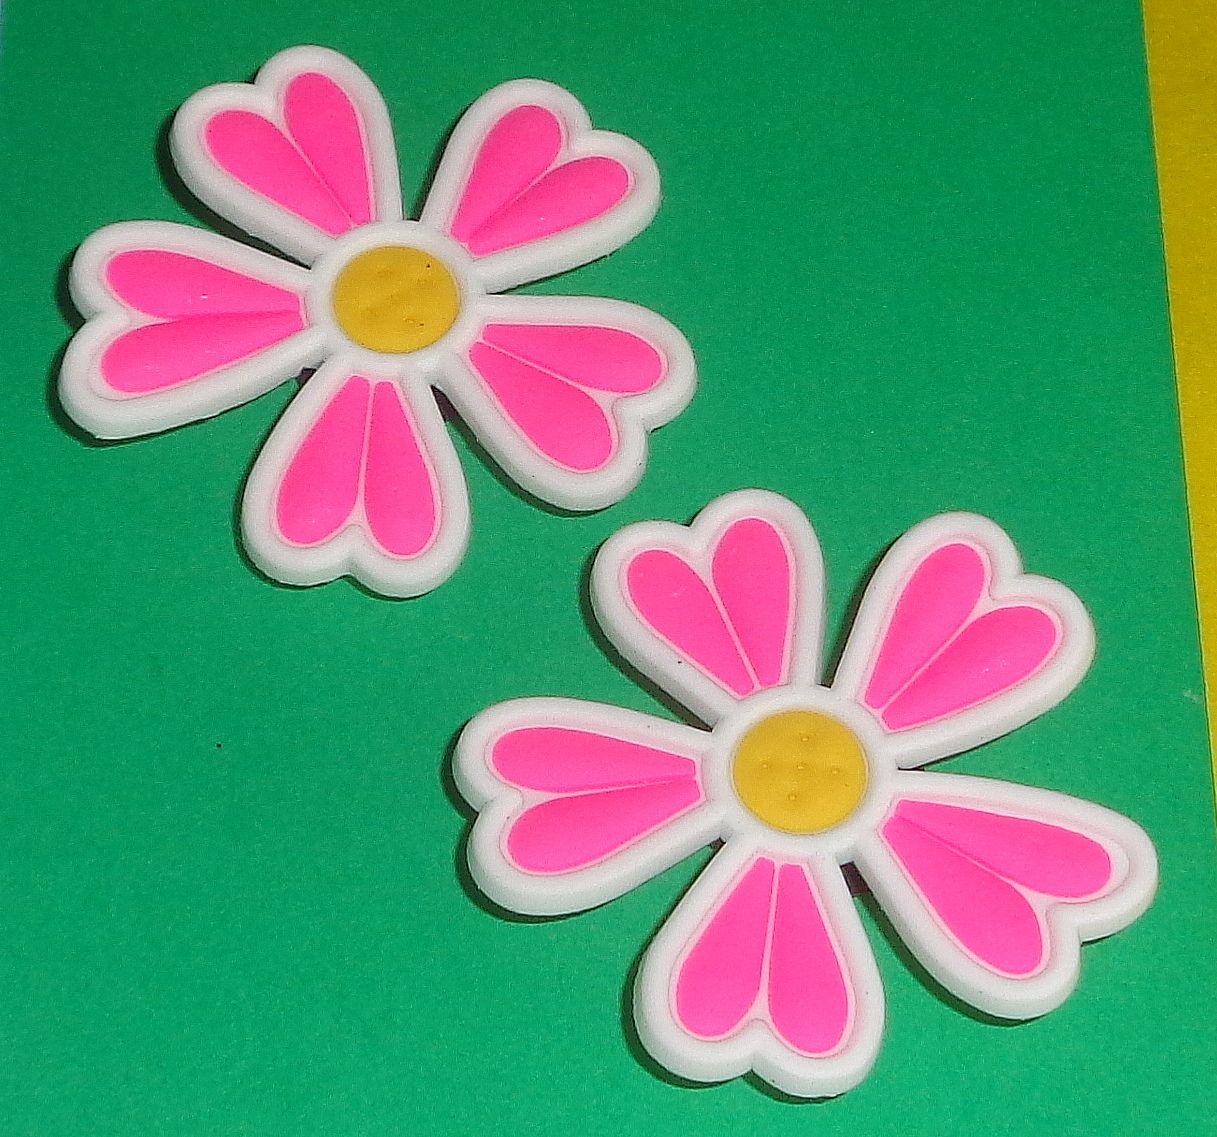 338053cd4c136 Details about Just Flowers Shoe Charms Shoe Buttons Shoe Pins Crocs ...